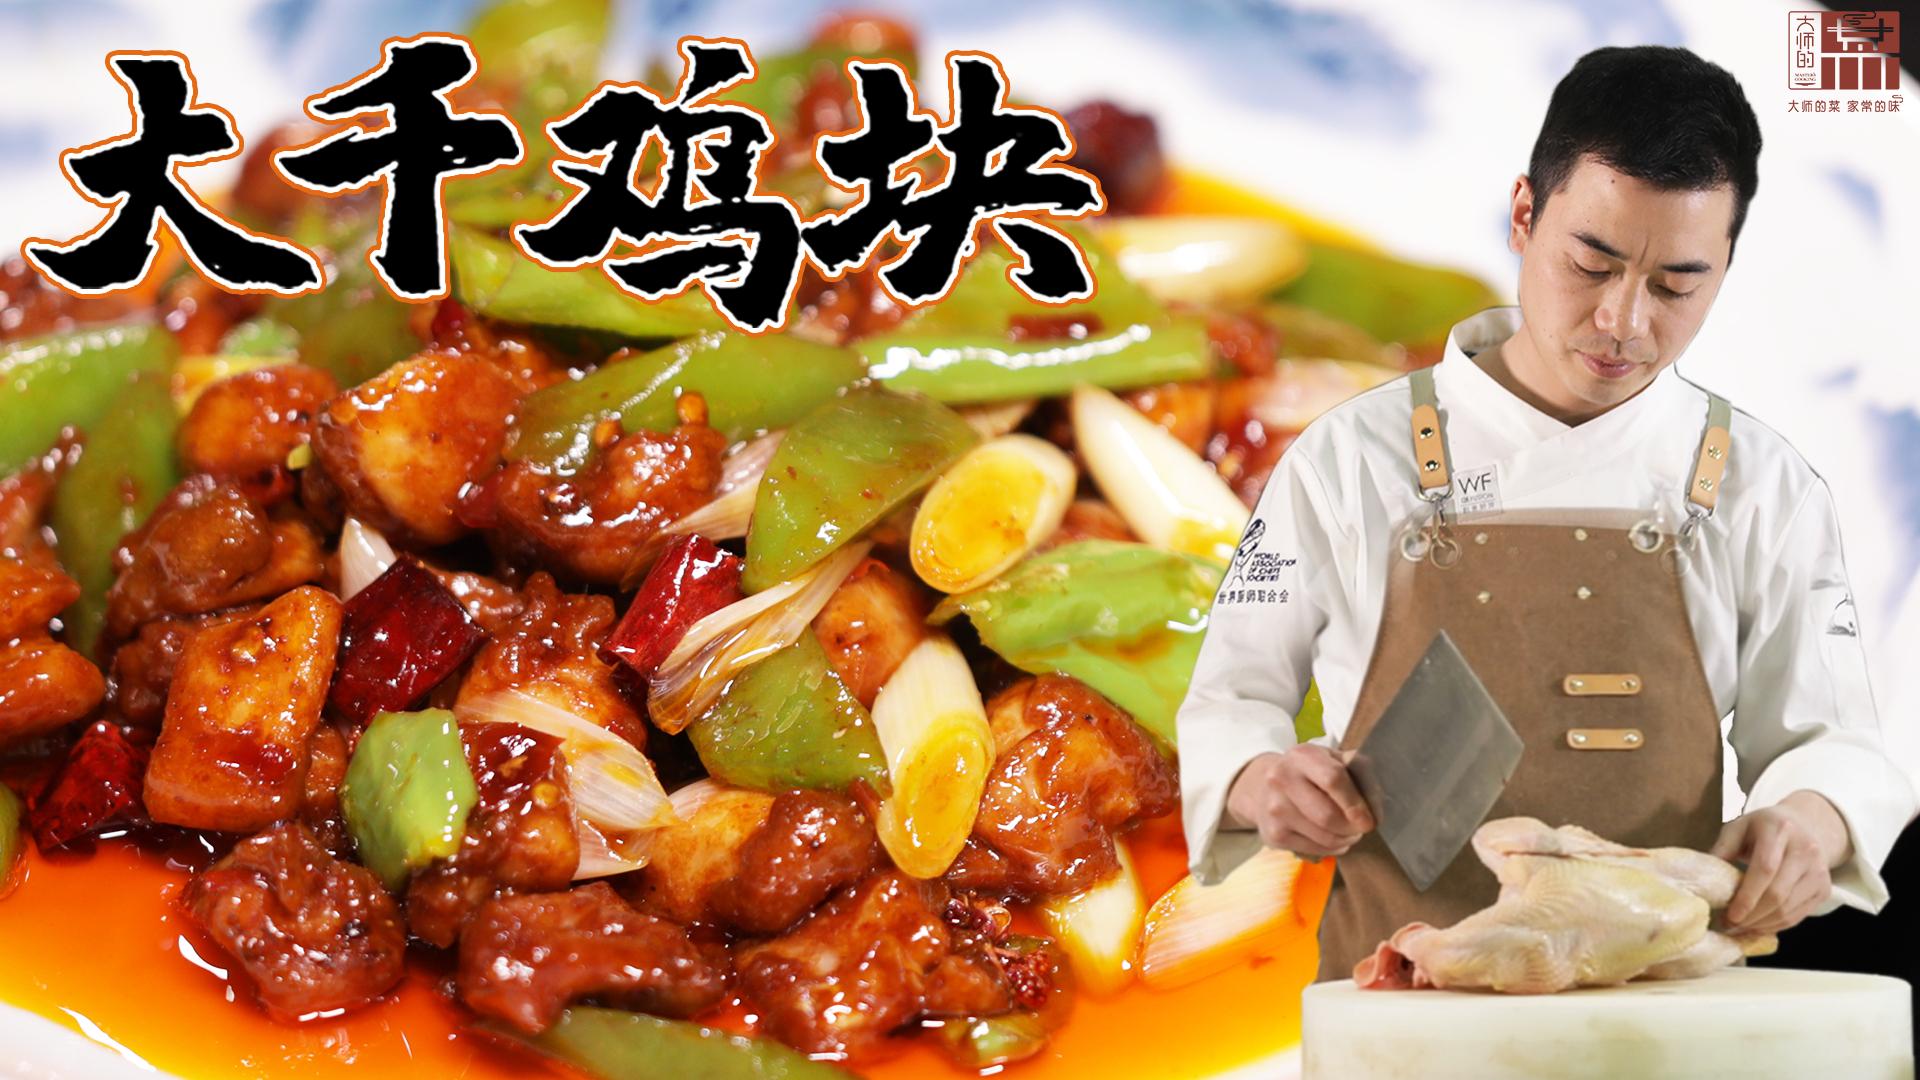 【大师的菜·大千鸡块】国画大师张大千自创菜——大千鸡块,红润油亮,煳辣鲜香!